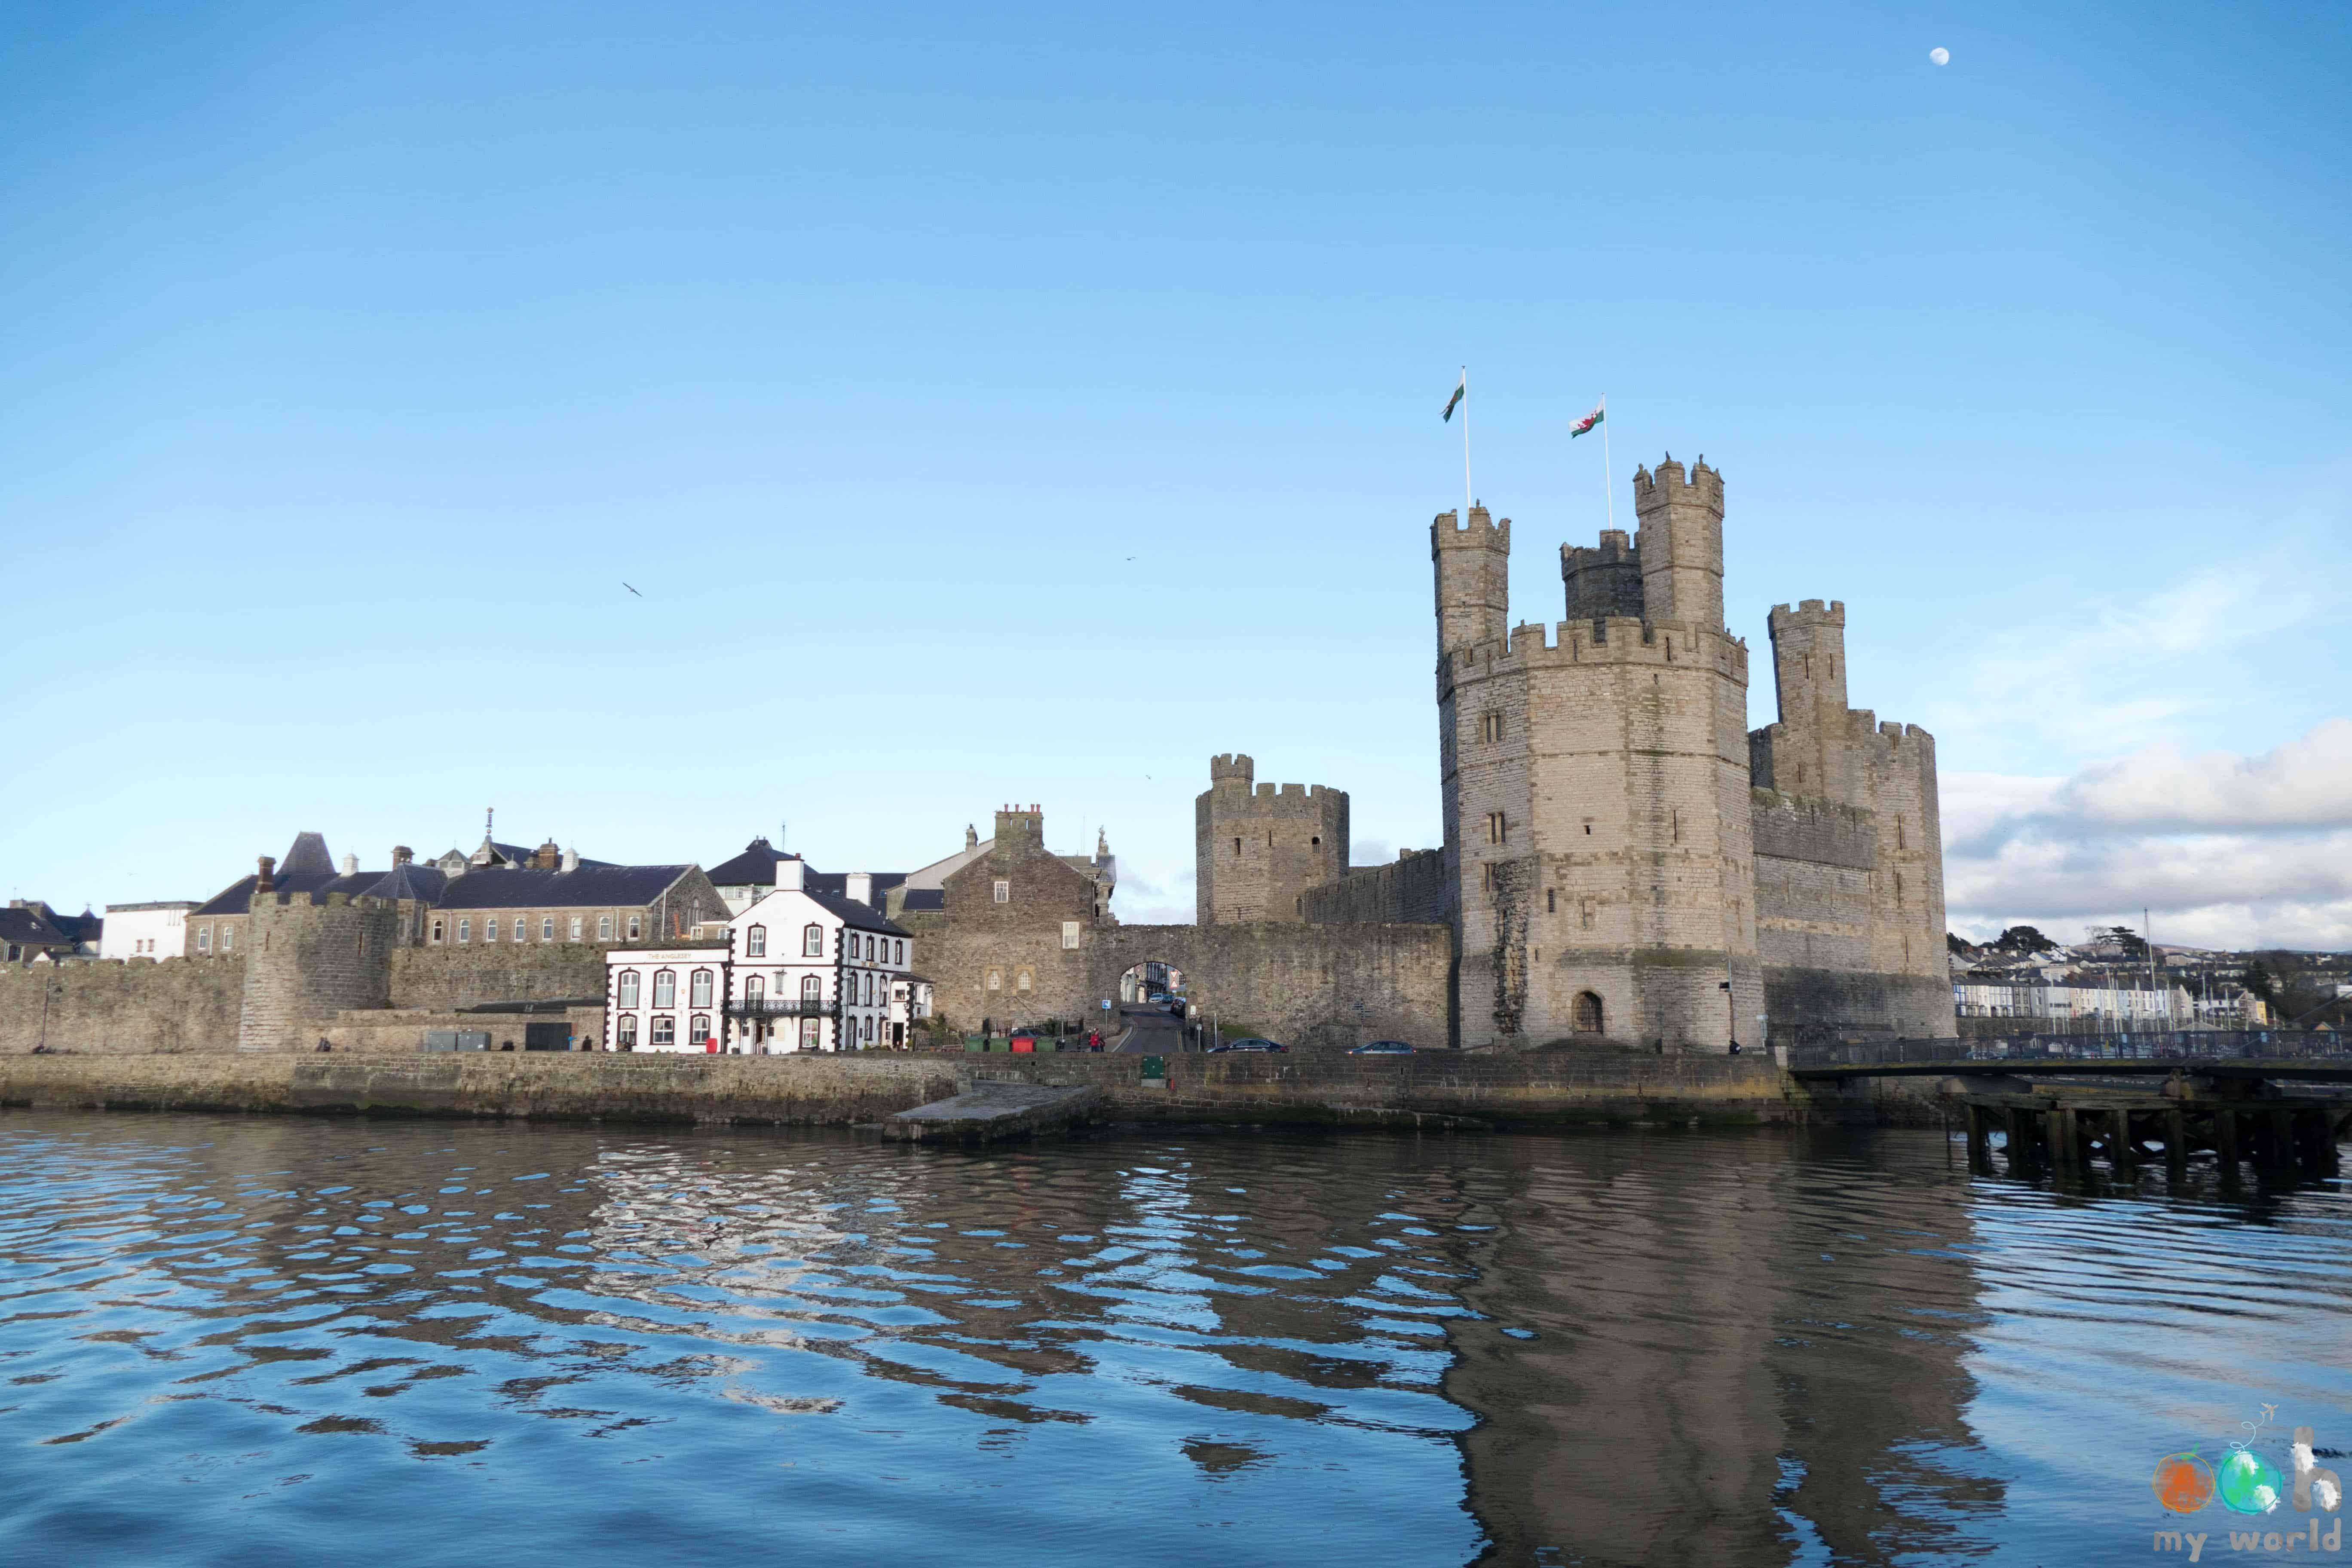 Le château de Caernarfon au Pays de Galles